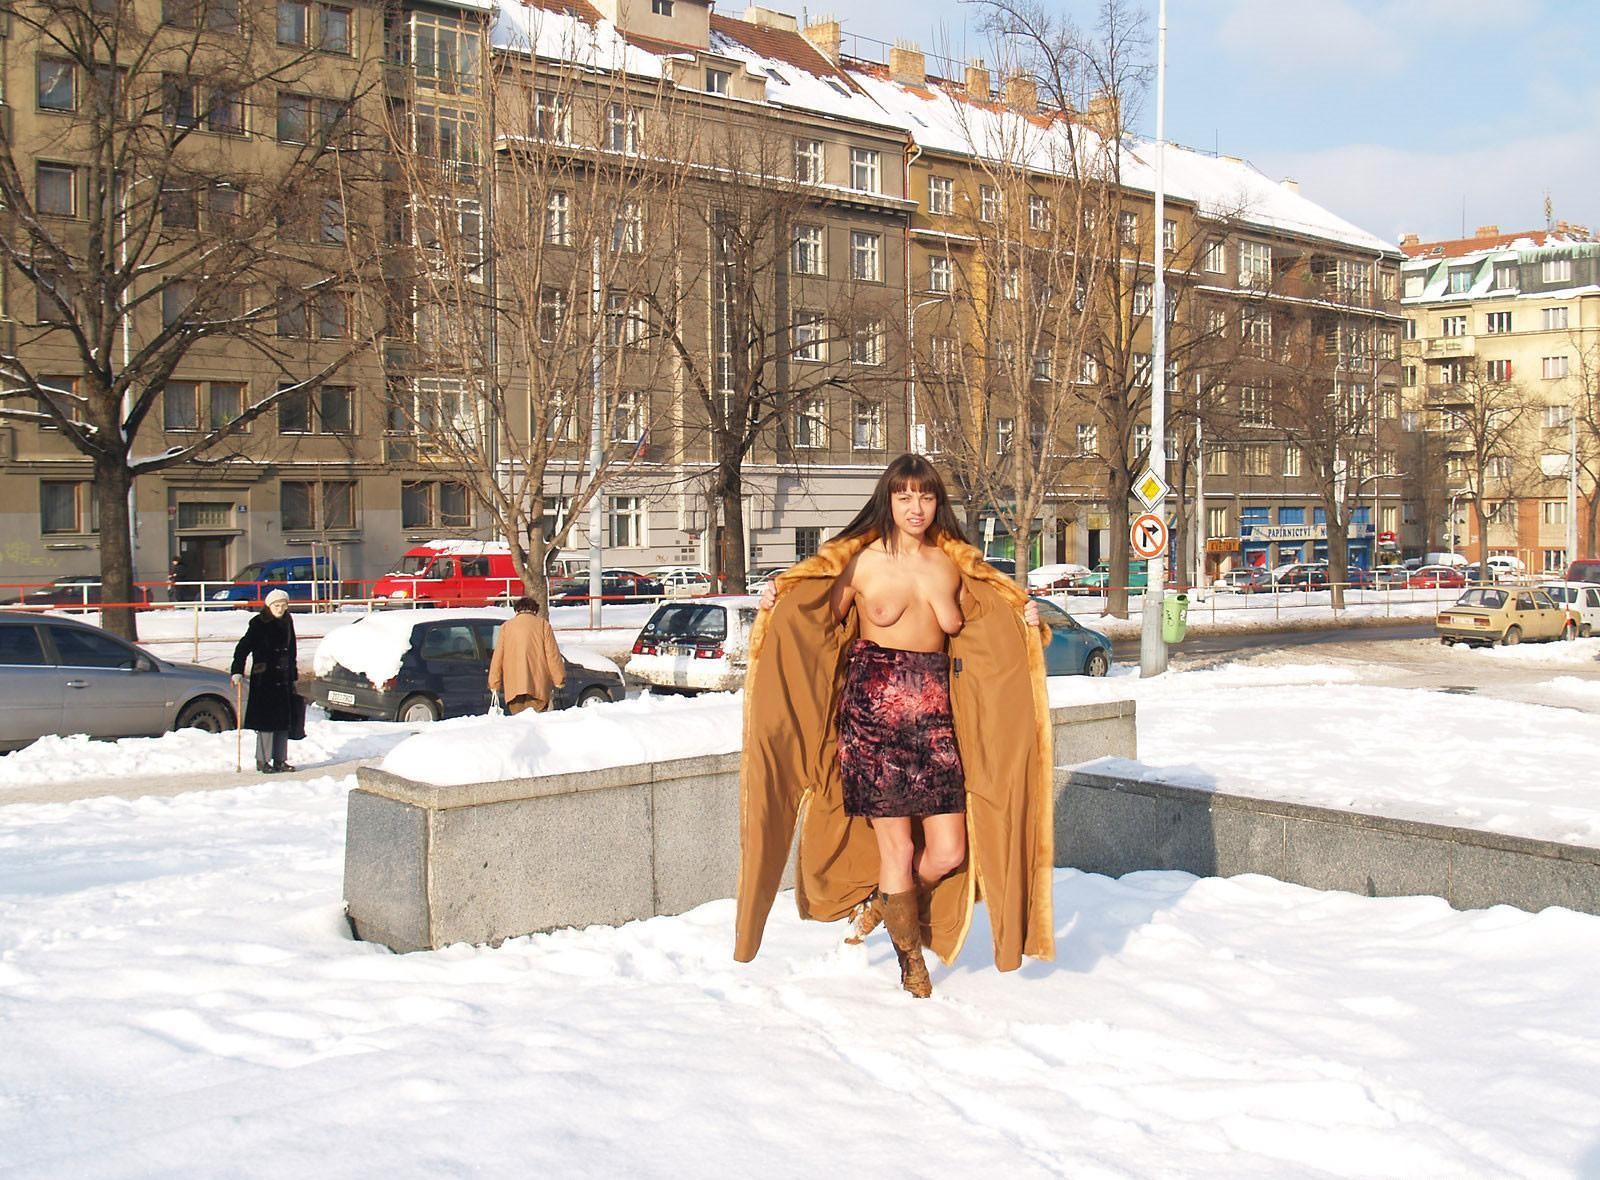 Девушки на снегу (ты их согрей руками) - компиляция 13